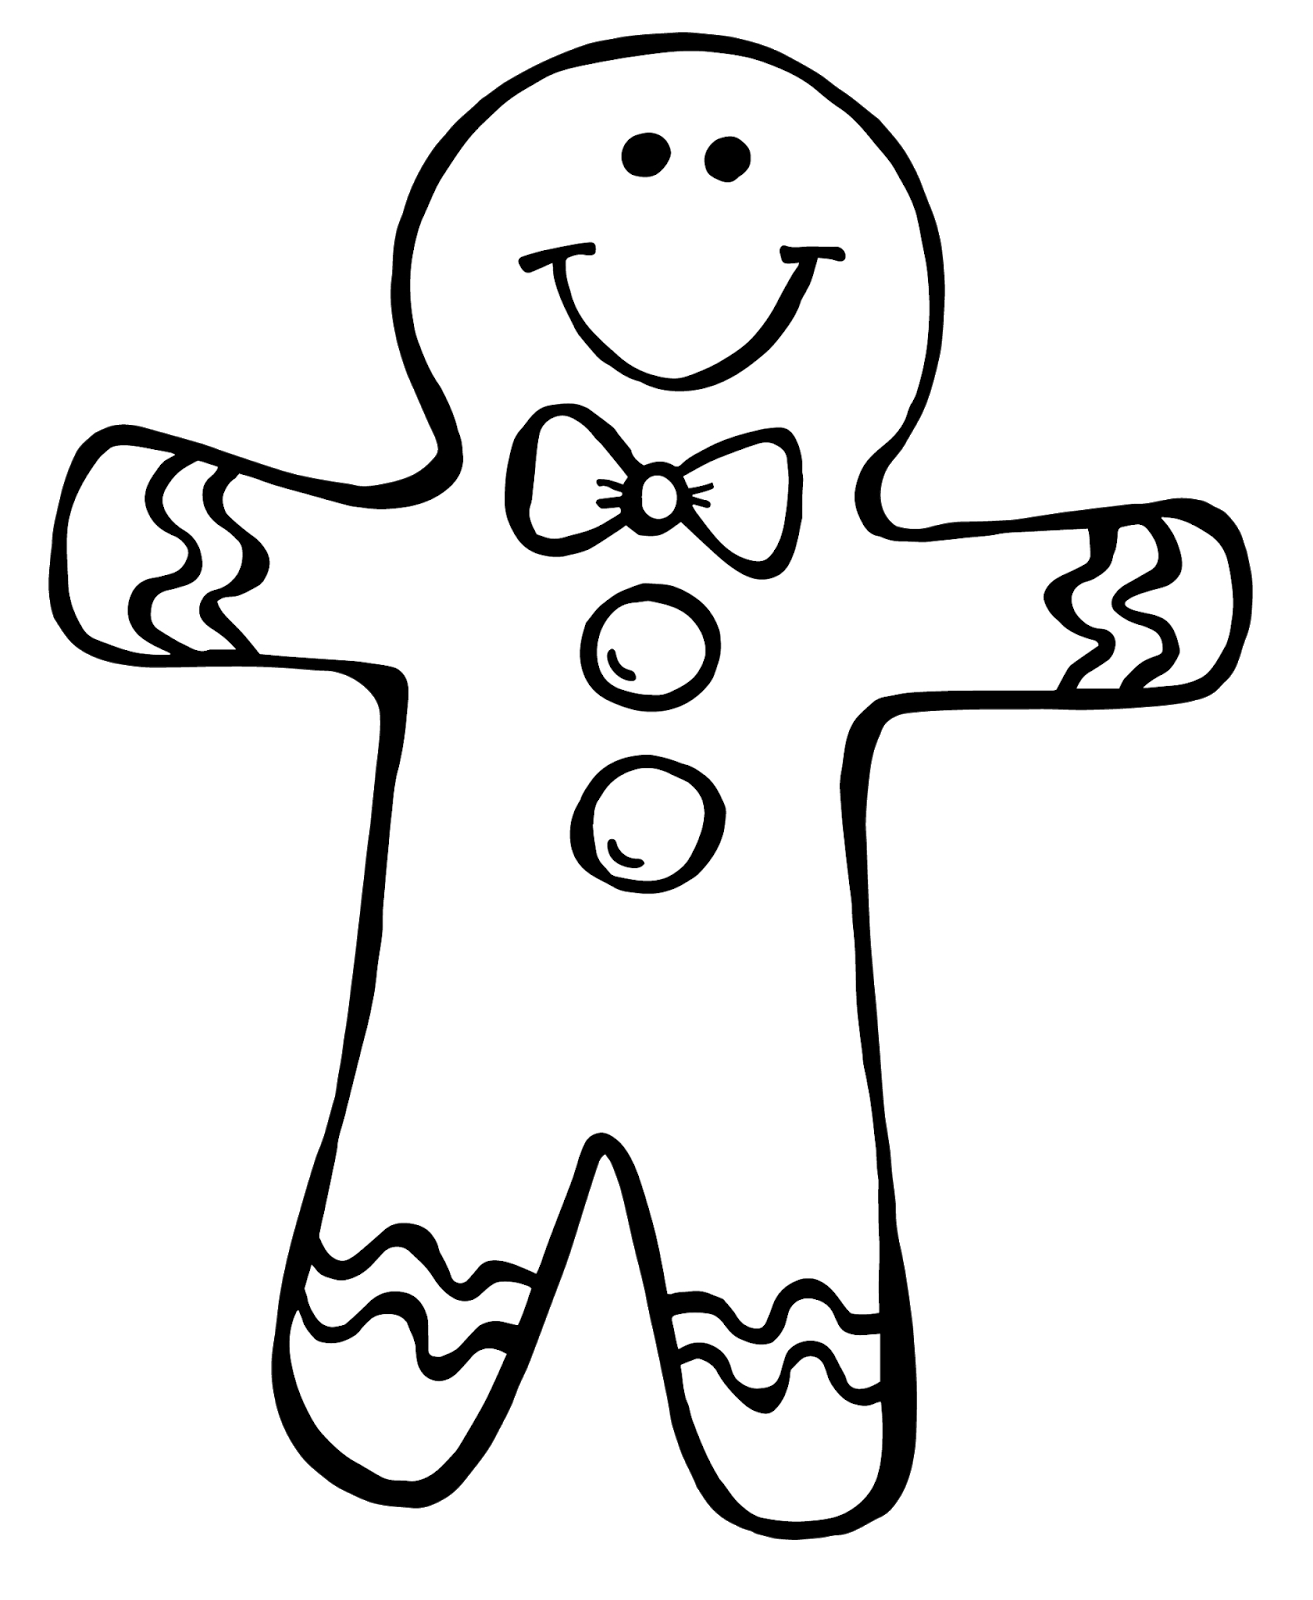 afbeeldingsresultaat voor gingerbread girl coloring pages - Gingerbread Girl Coloring Page